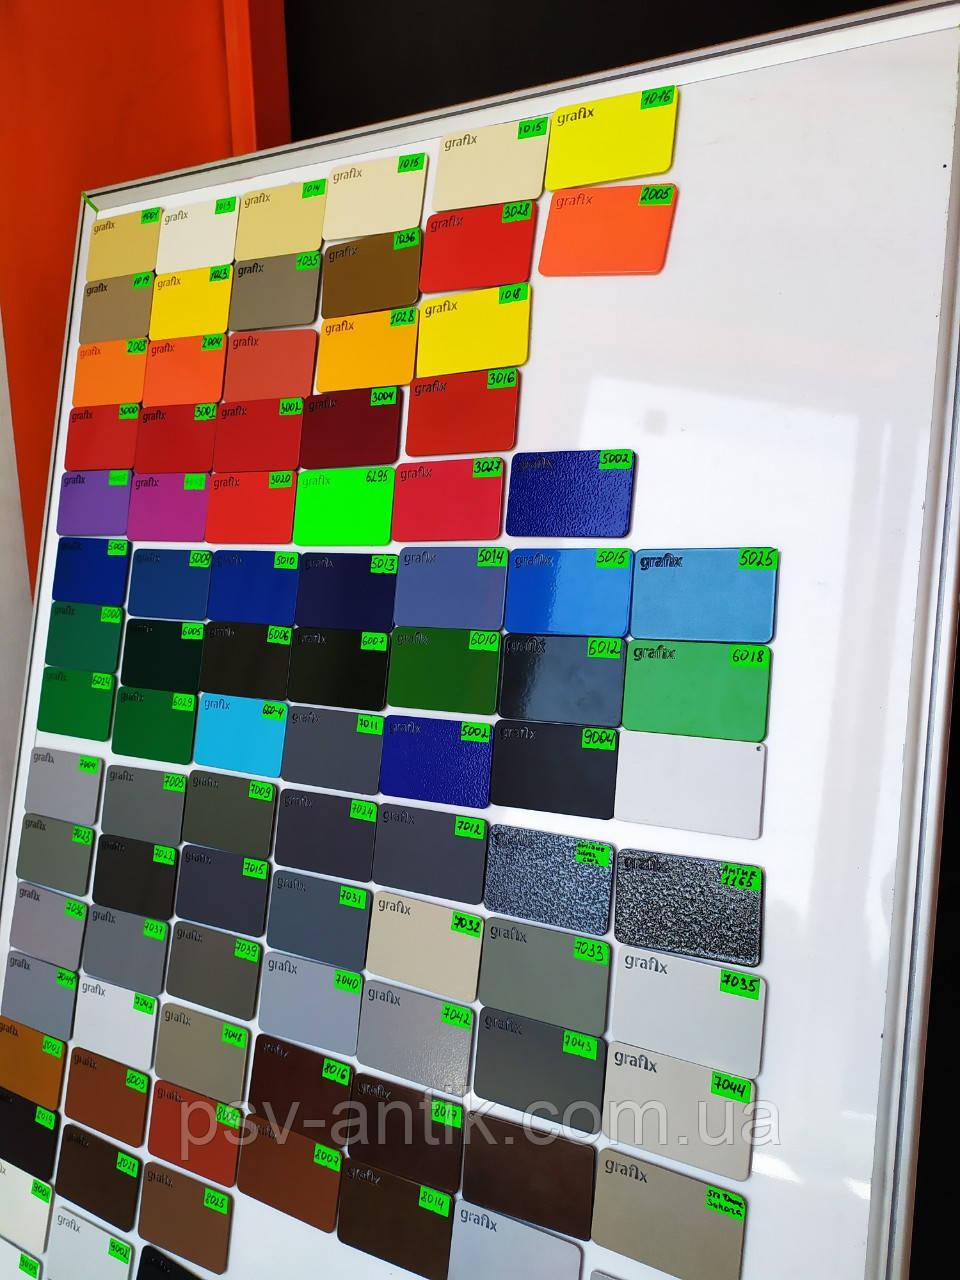 Порошковая краска матовая, полиэфирная, архитектурная, 7043